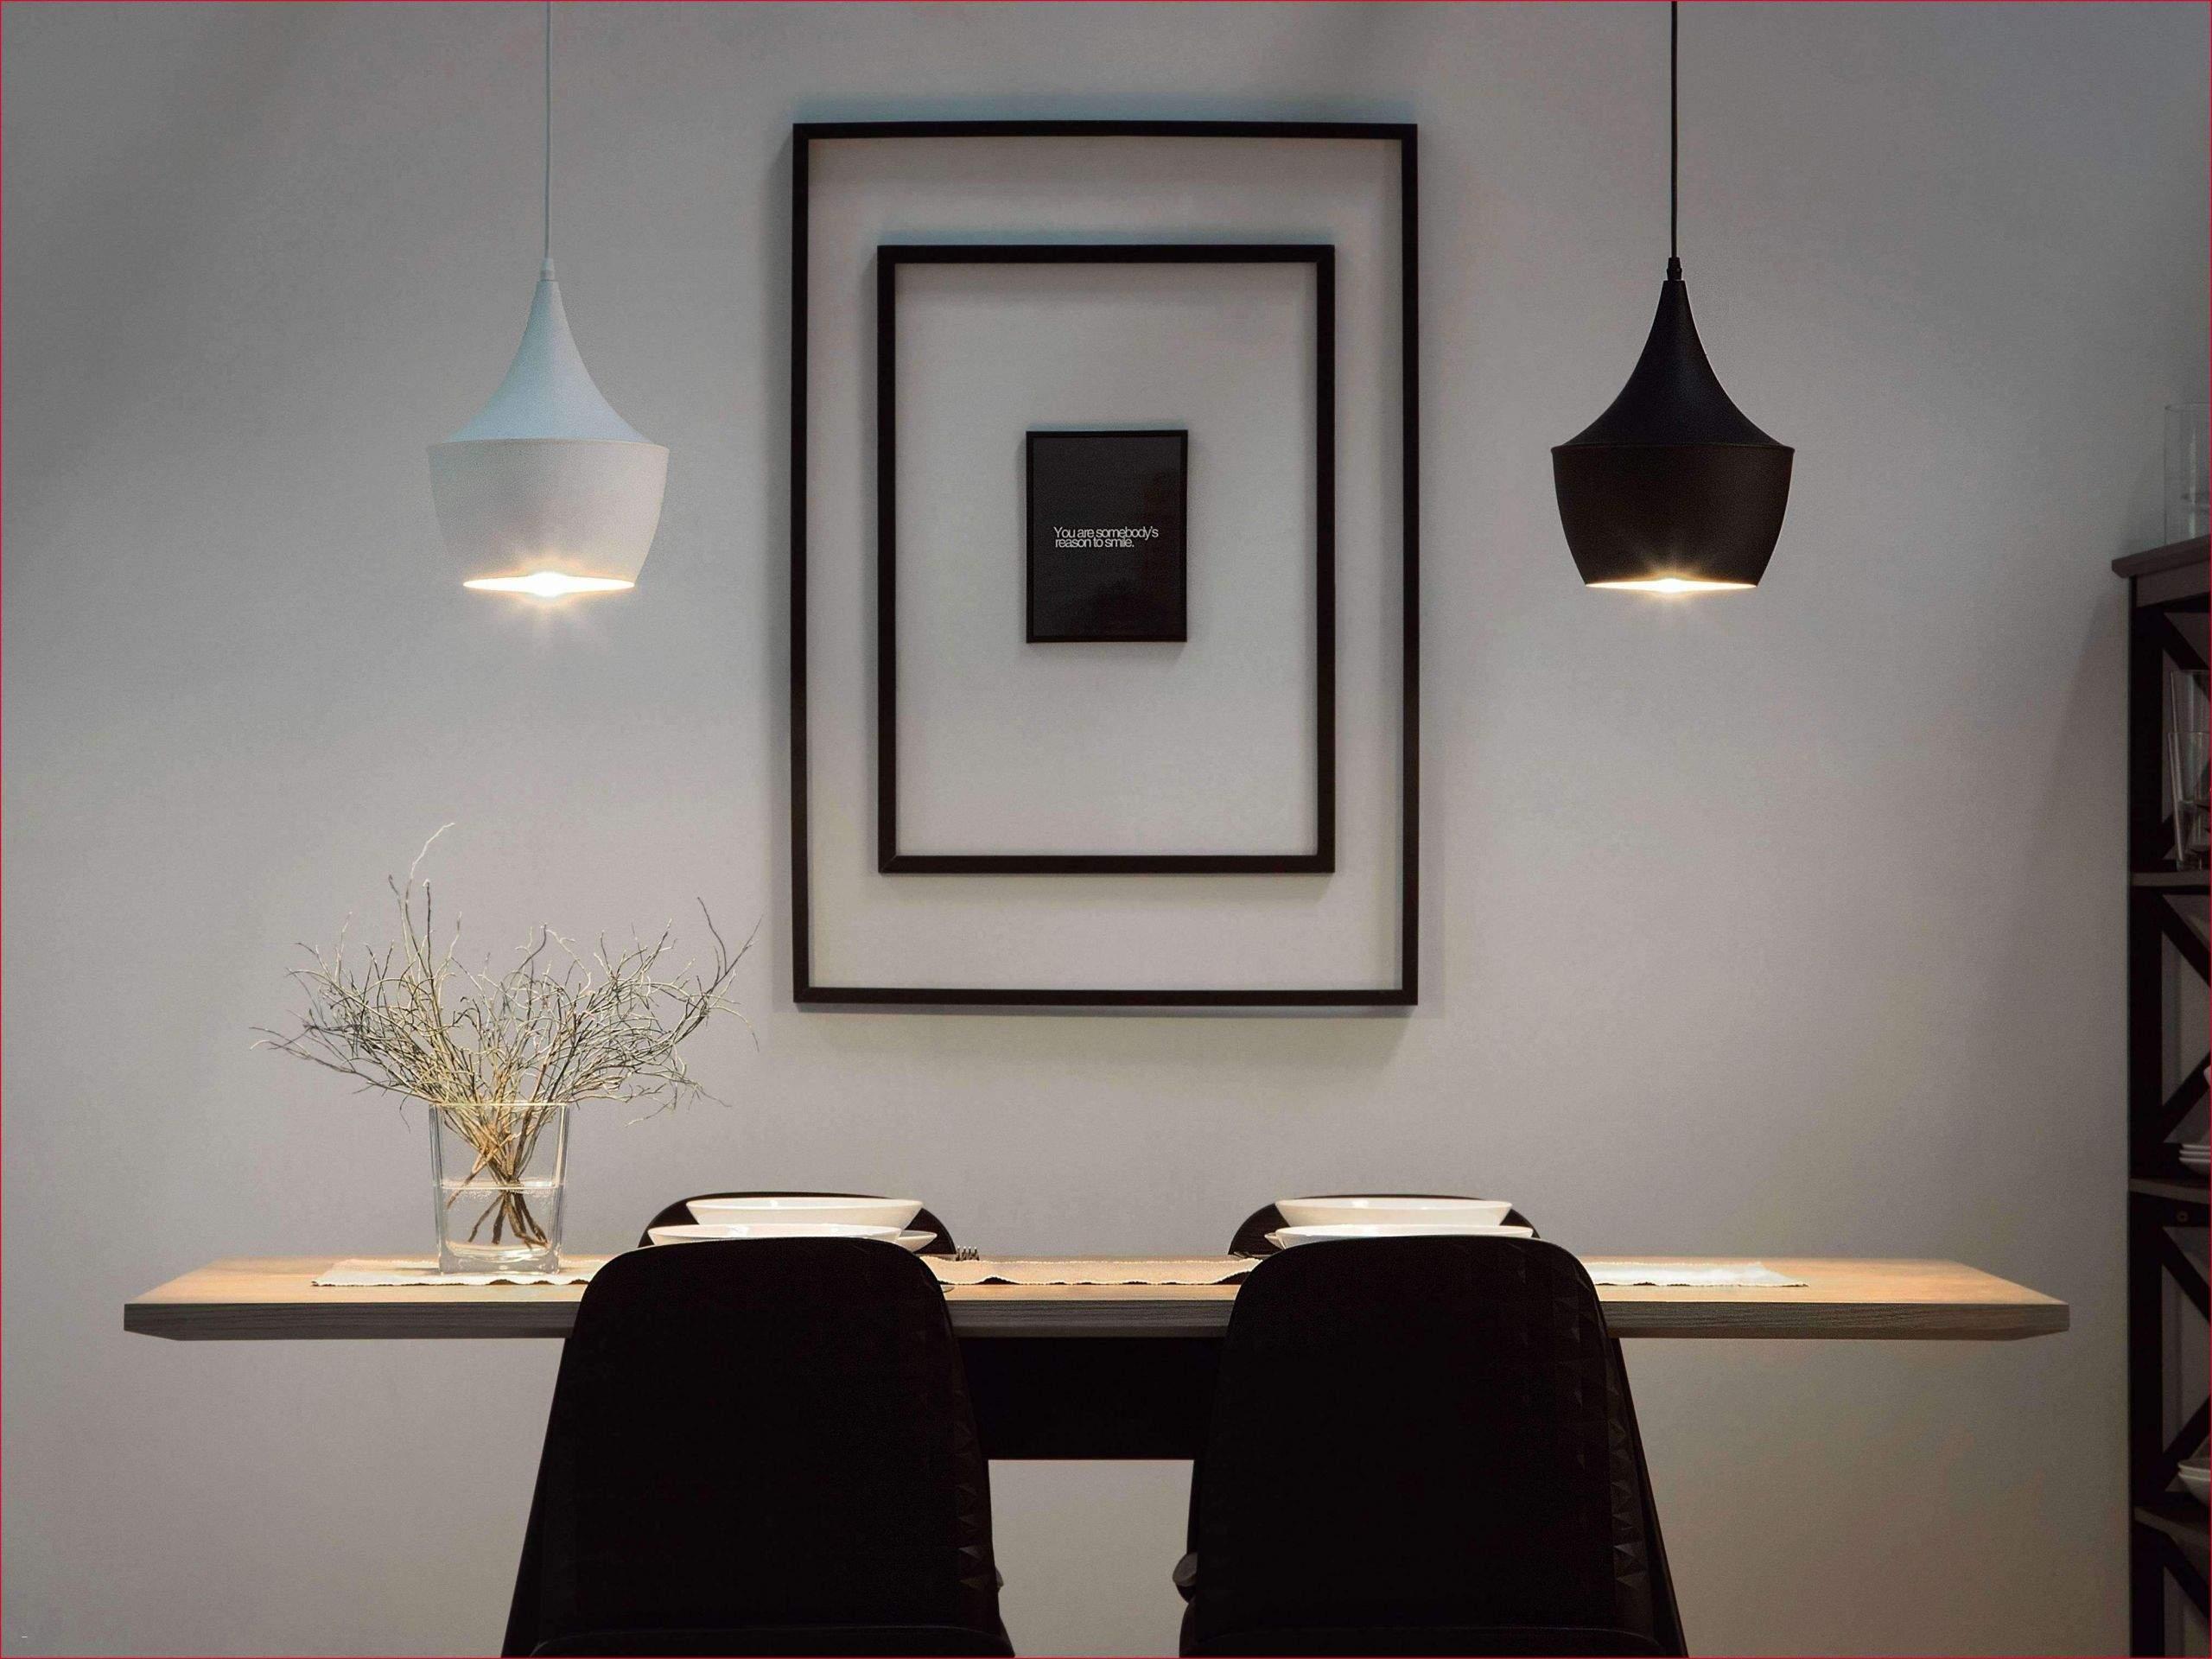 wohnzimmer licht genial schon licht lampe sammlung von lampe idee lampe ideen of wohnzimmer licht scaled